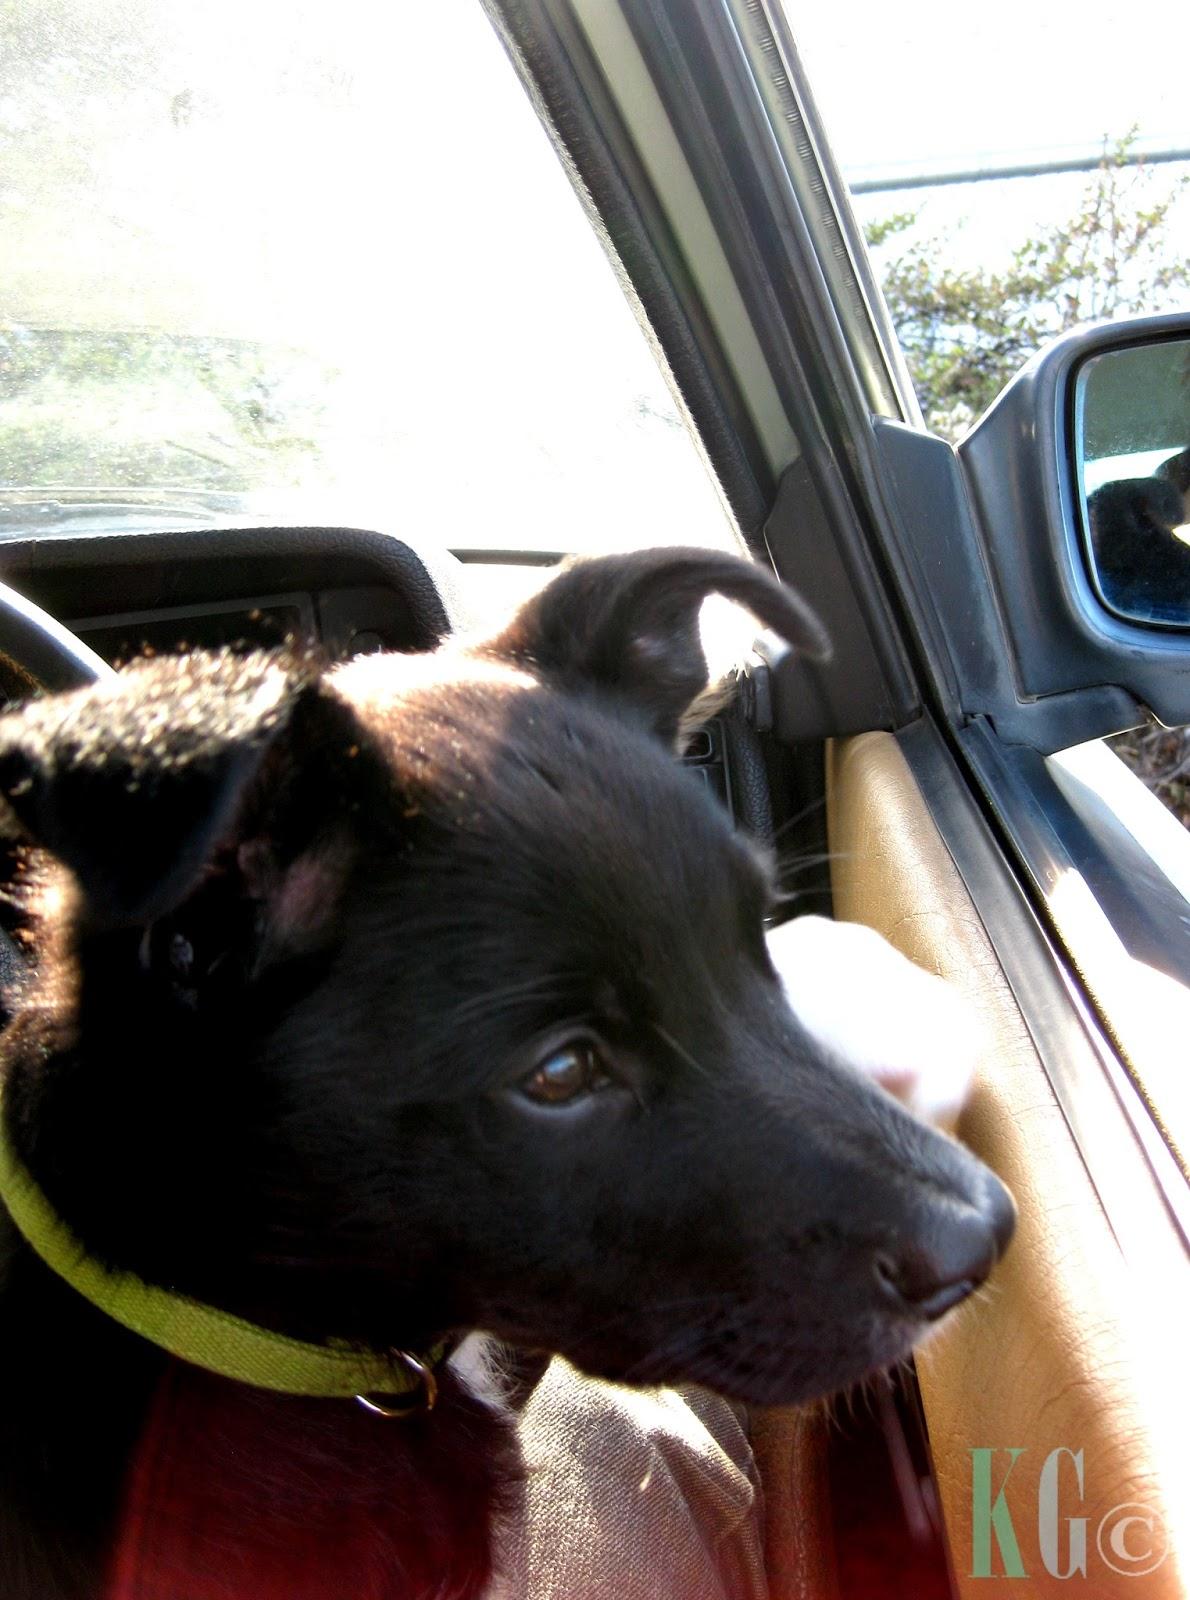 cute kelpie x smithfield puppy sitting in car